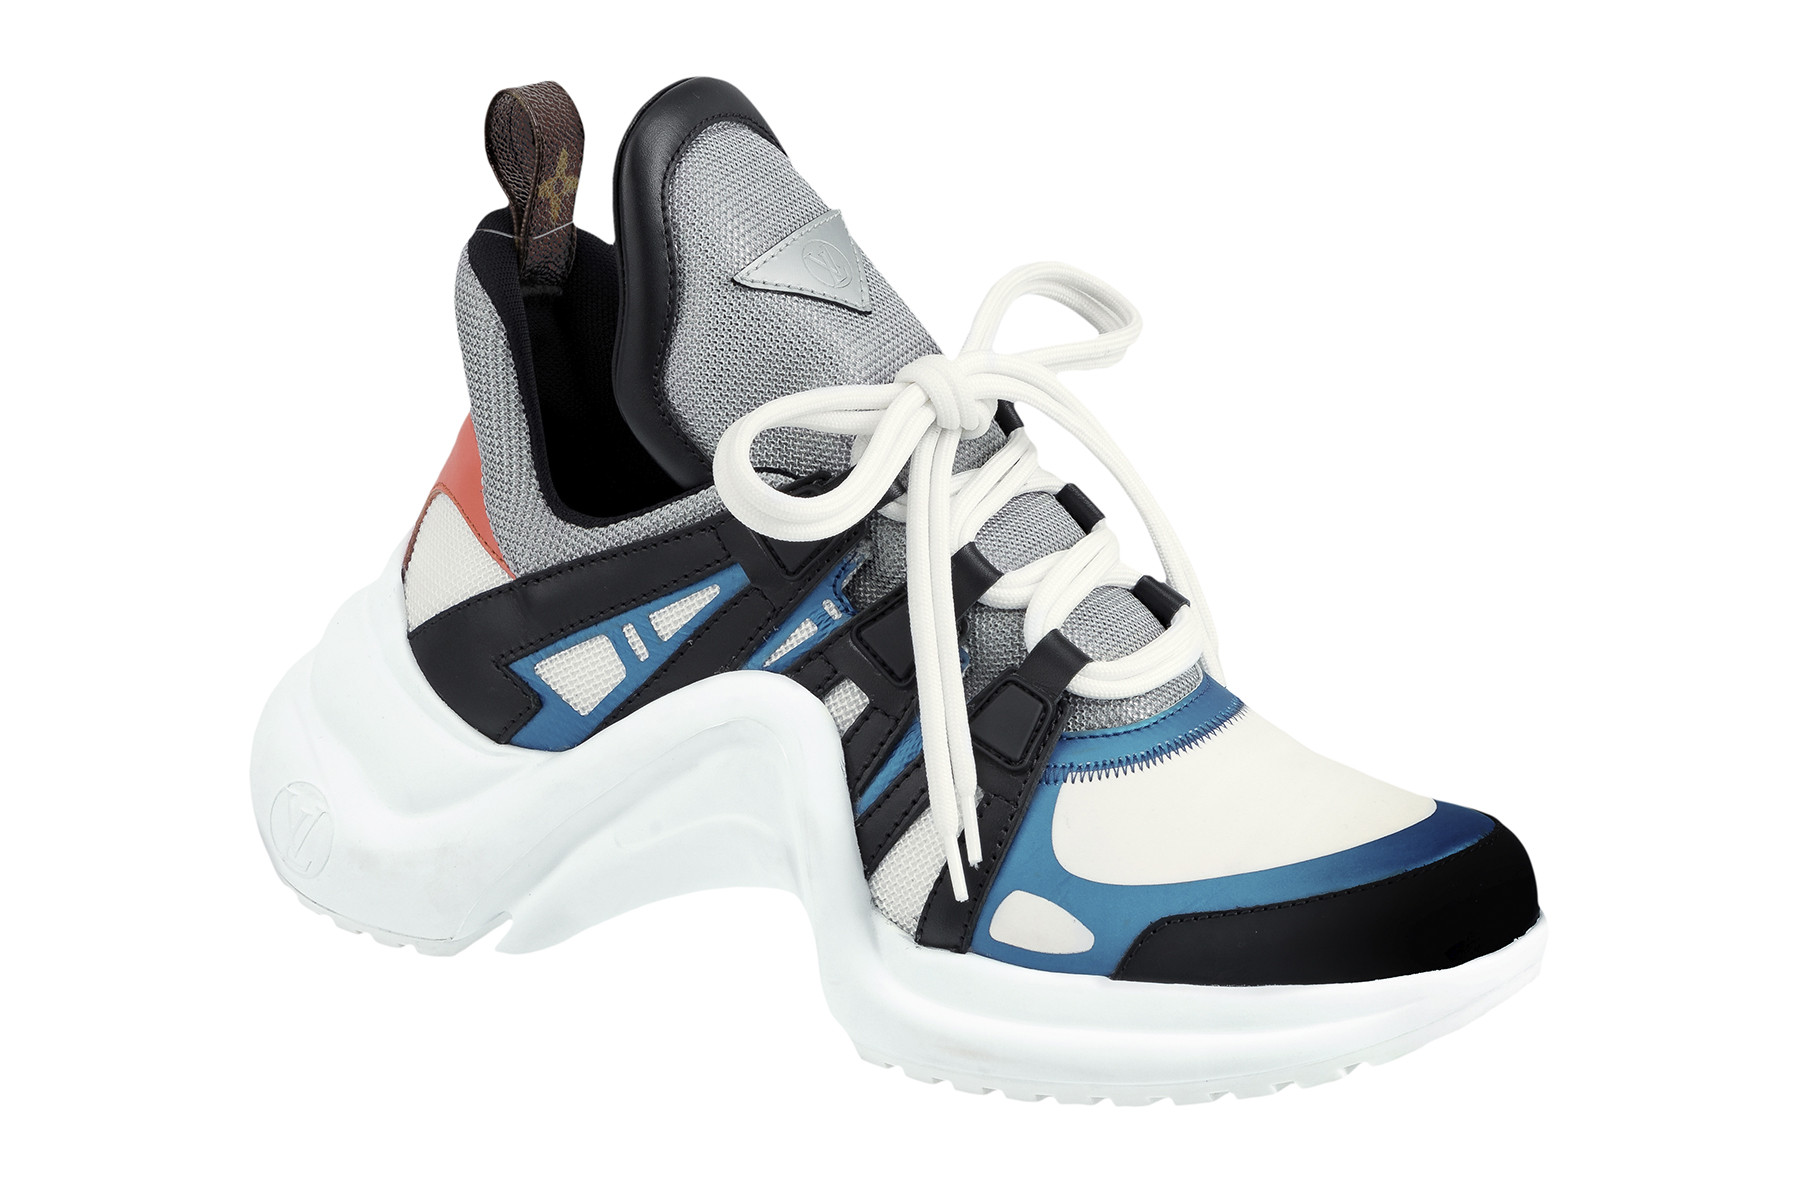 Louis Vuitton Archlight Sneaker Closer